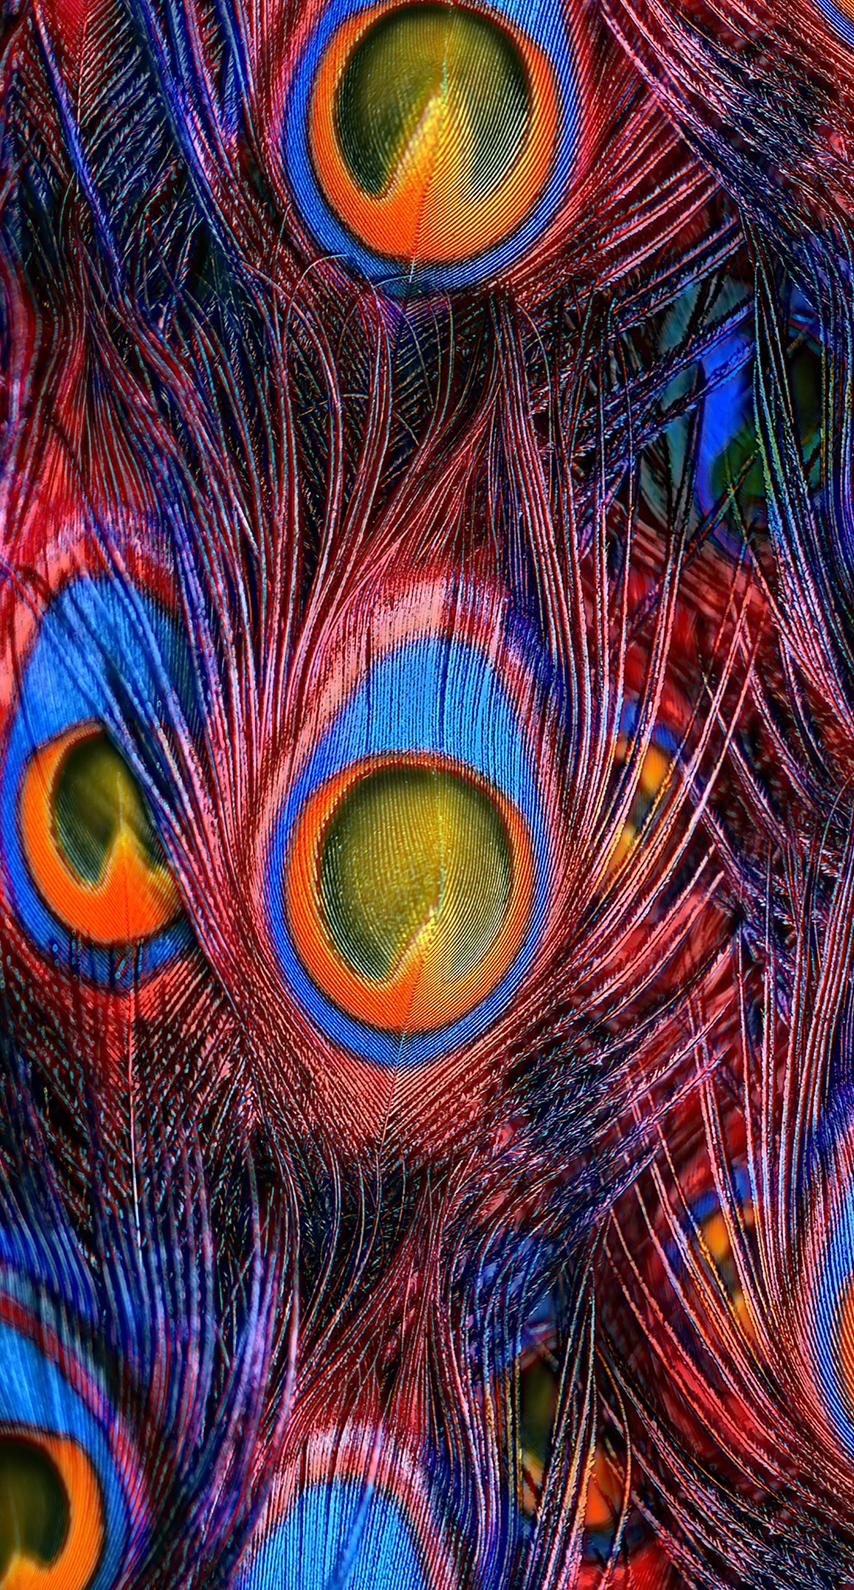 peafowl, iridescent